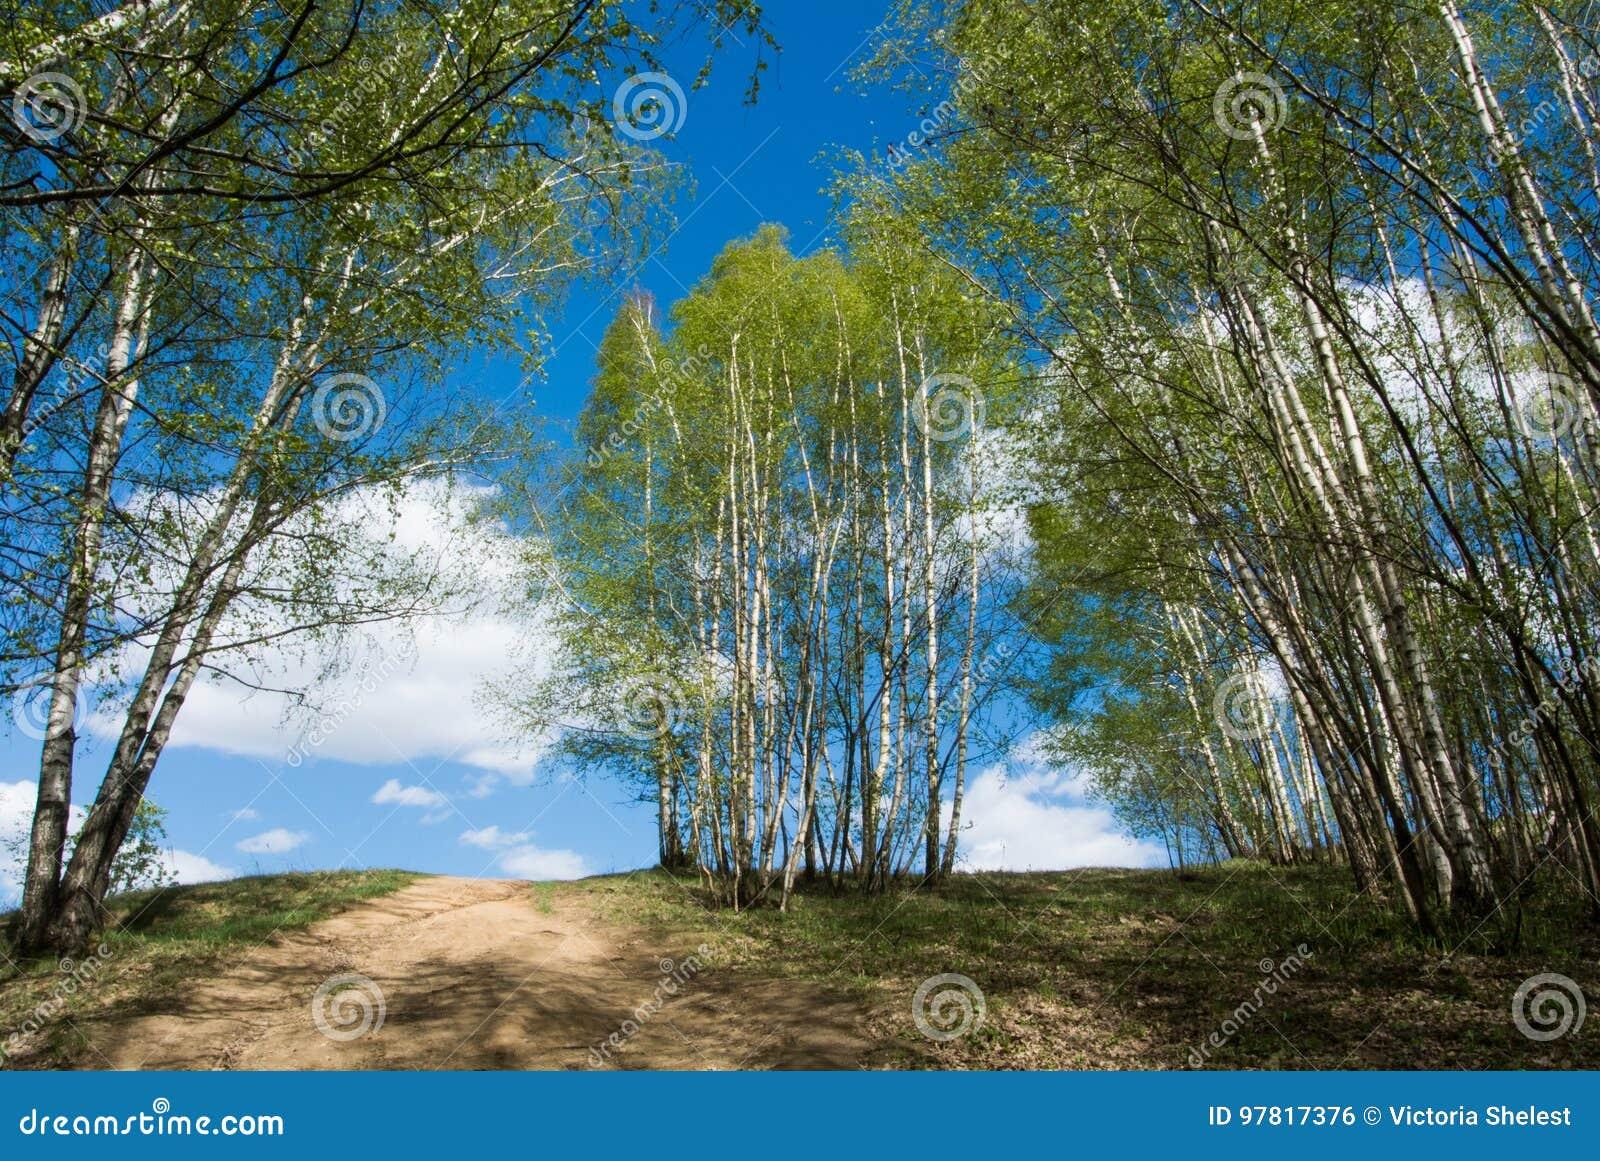 Schöne bunte grüne Sommerlandschaft mit einem Hügel und jungen Birken und ein blauer Himmel mit Wolken am Hintergrund